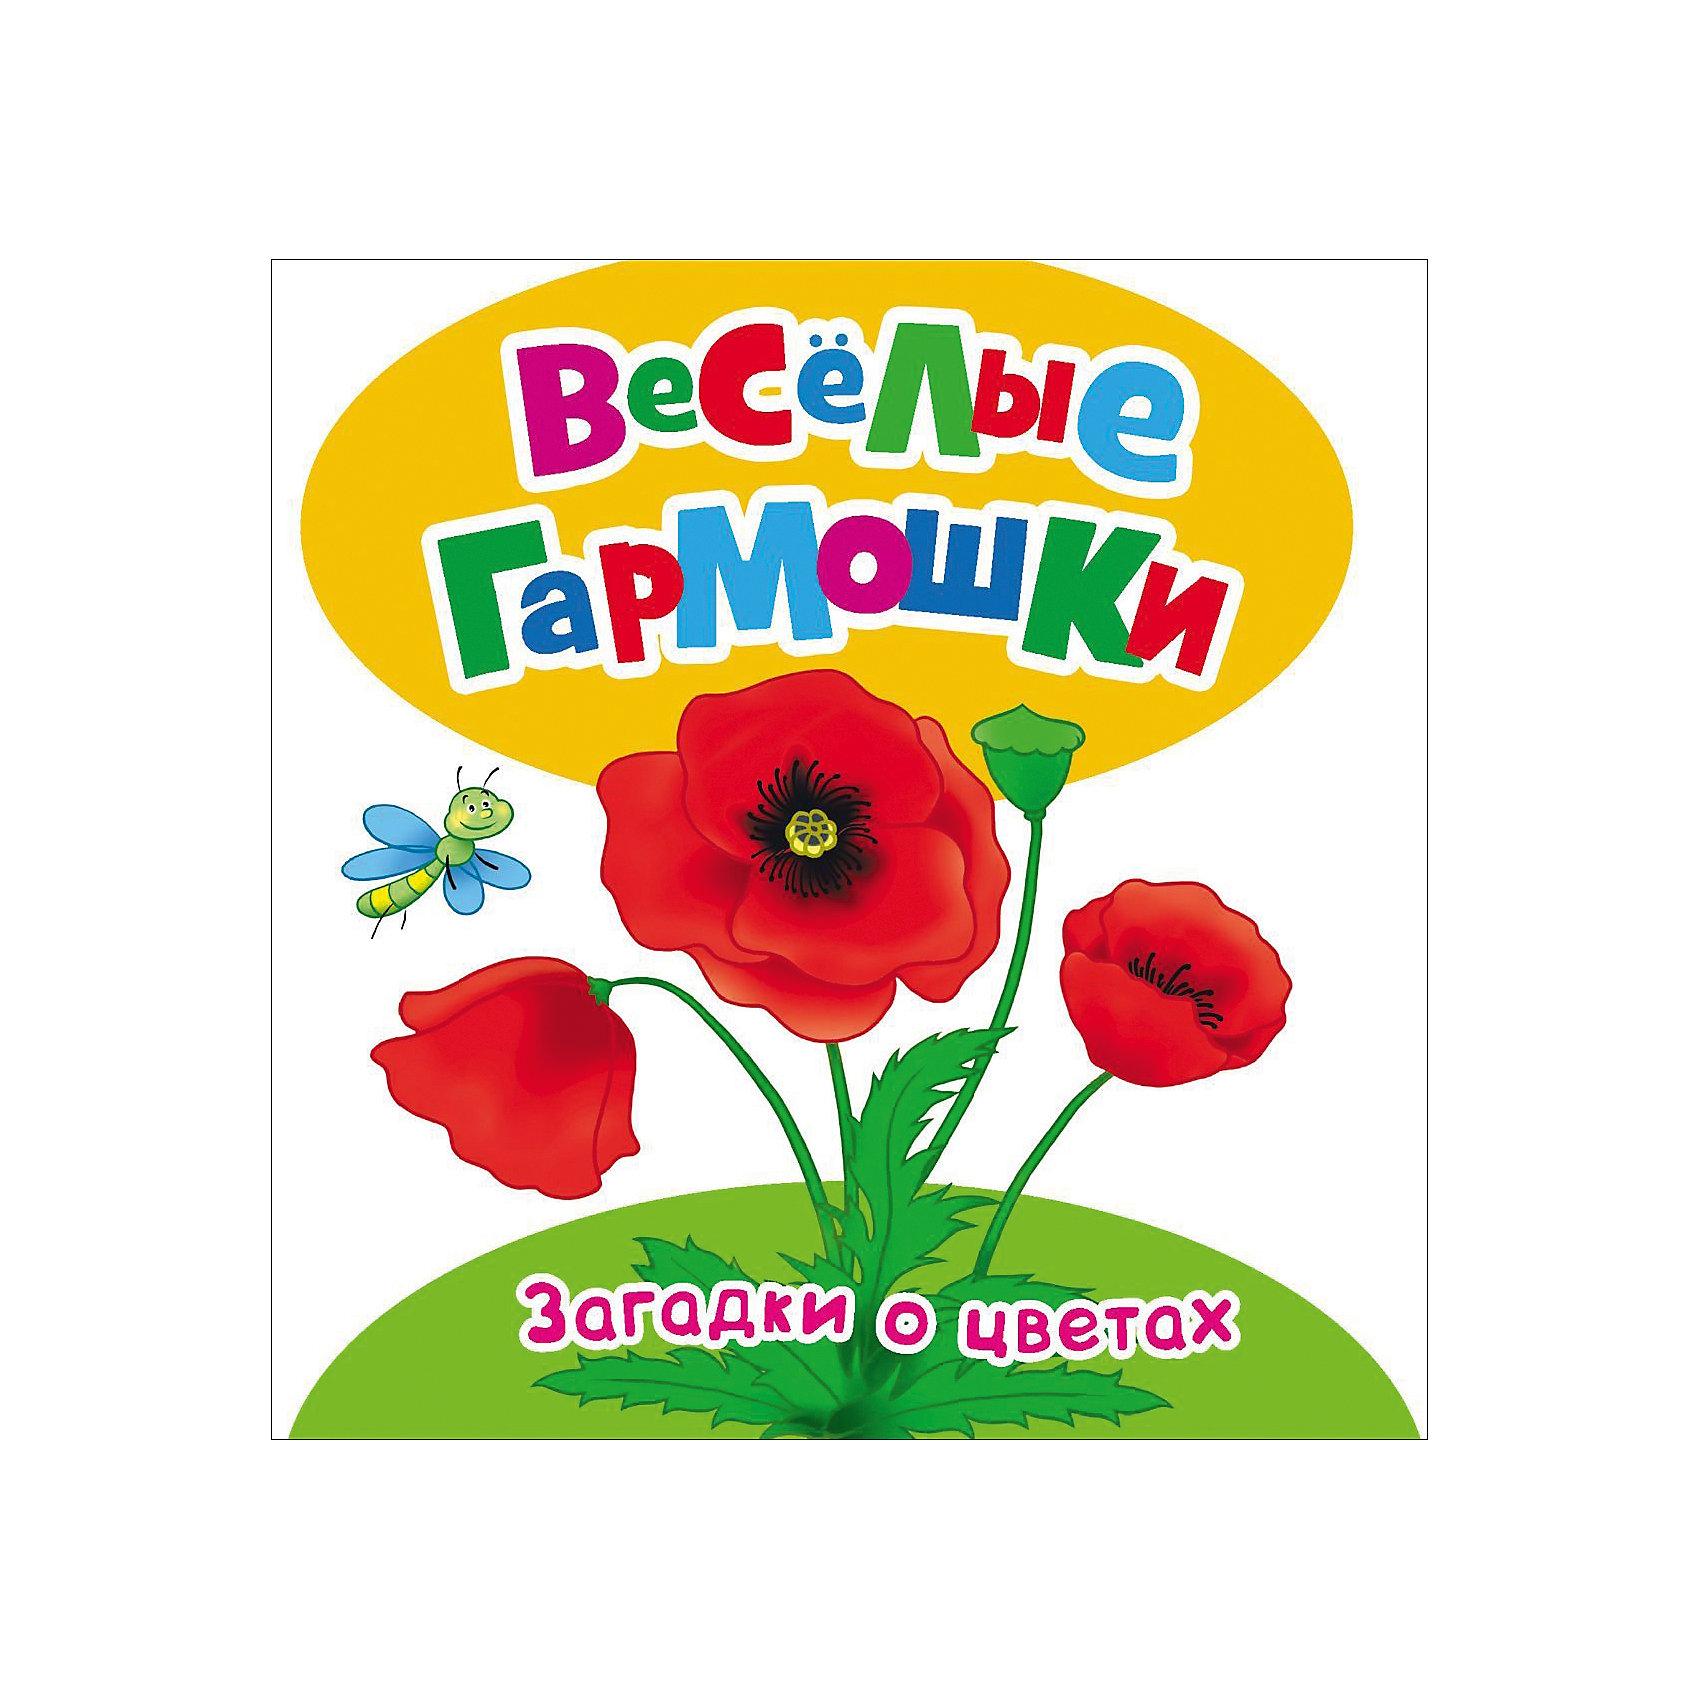 Книжка Веселые гармошки — Загадки о цветахЗагадки о цветах, Веселые гармошки<br><br>Характеристики:<br><br>- издательство: Росмэн<br>- количество страниц: 12<br>- формат: 14 * 1,2 * 14 см.<br>- Тип обложки: твердая целлофинированная<br>- Иллюстрации: цветные<br>- вес: 81 гр.<br><br>Книга-гармошка Загадки о цветах станет отличным сюрпризом для маленьких детей. Загадки в стихах и яркие рисунки цветочков развеселят вашего кроху. Книжка поможет рассказать малышу увлекательные загадки маков, одуванчиков, васильков и других. Каждая страничка этой книжки делает героев и их окружение живыми благодаря раскладывающейся структуре. Эта необычная книга соберет семью вместе и сделает чтение веселее и интереснее. <br><br>Книгу Загадки о цветах, Веселые гармошки можно купить в нашем интернет-магазине.<br><br>Ширина мм: 135<br>Глубина мм: 135<br>Высота мм: 12<br>Вес г: 81<br>Возраст от месяцев: 0<br>Возраст до месяцев: 36<br>Пол: Унисекс<br>Возраст: Детский<br>SKU: 5109748